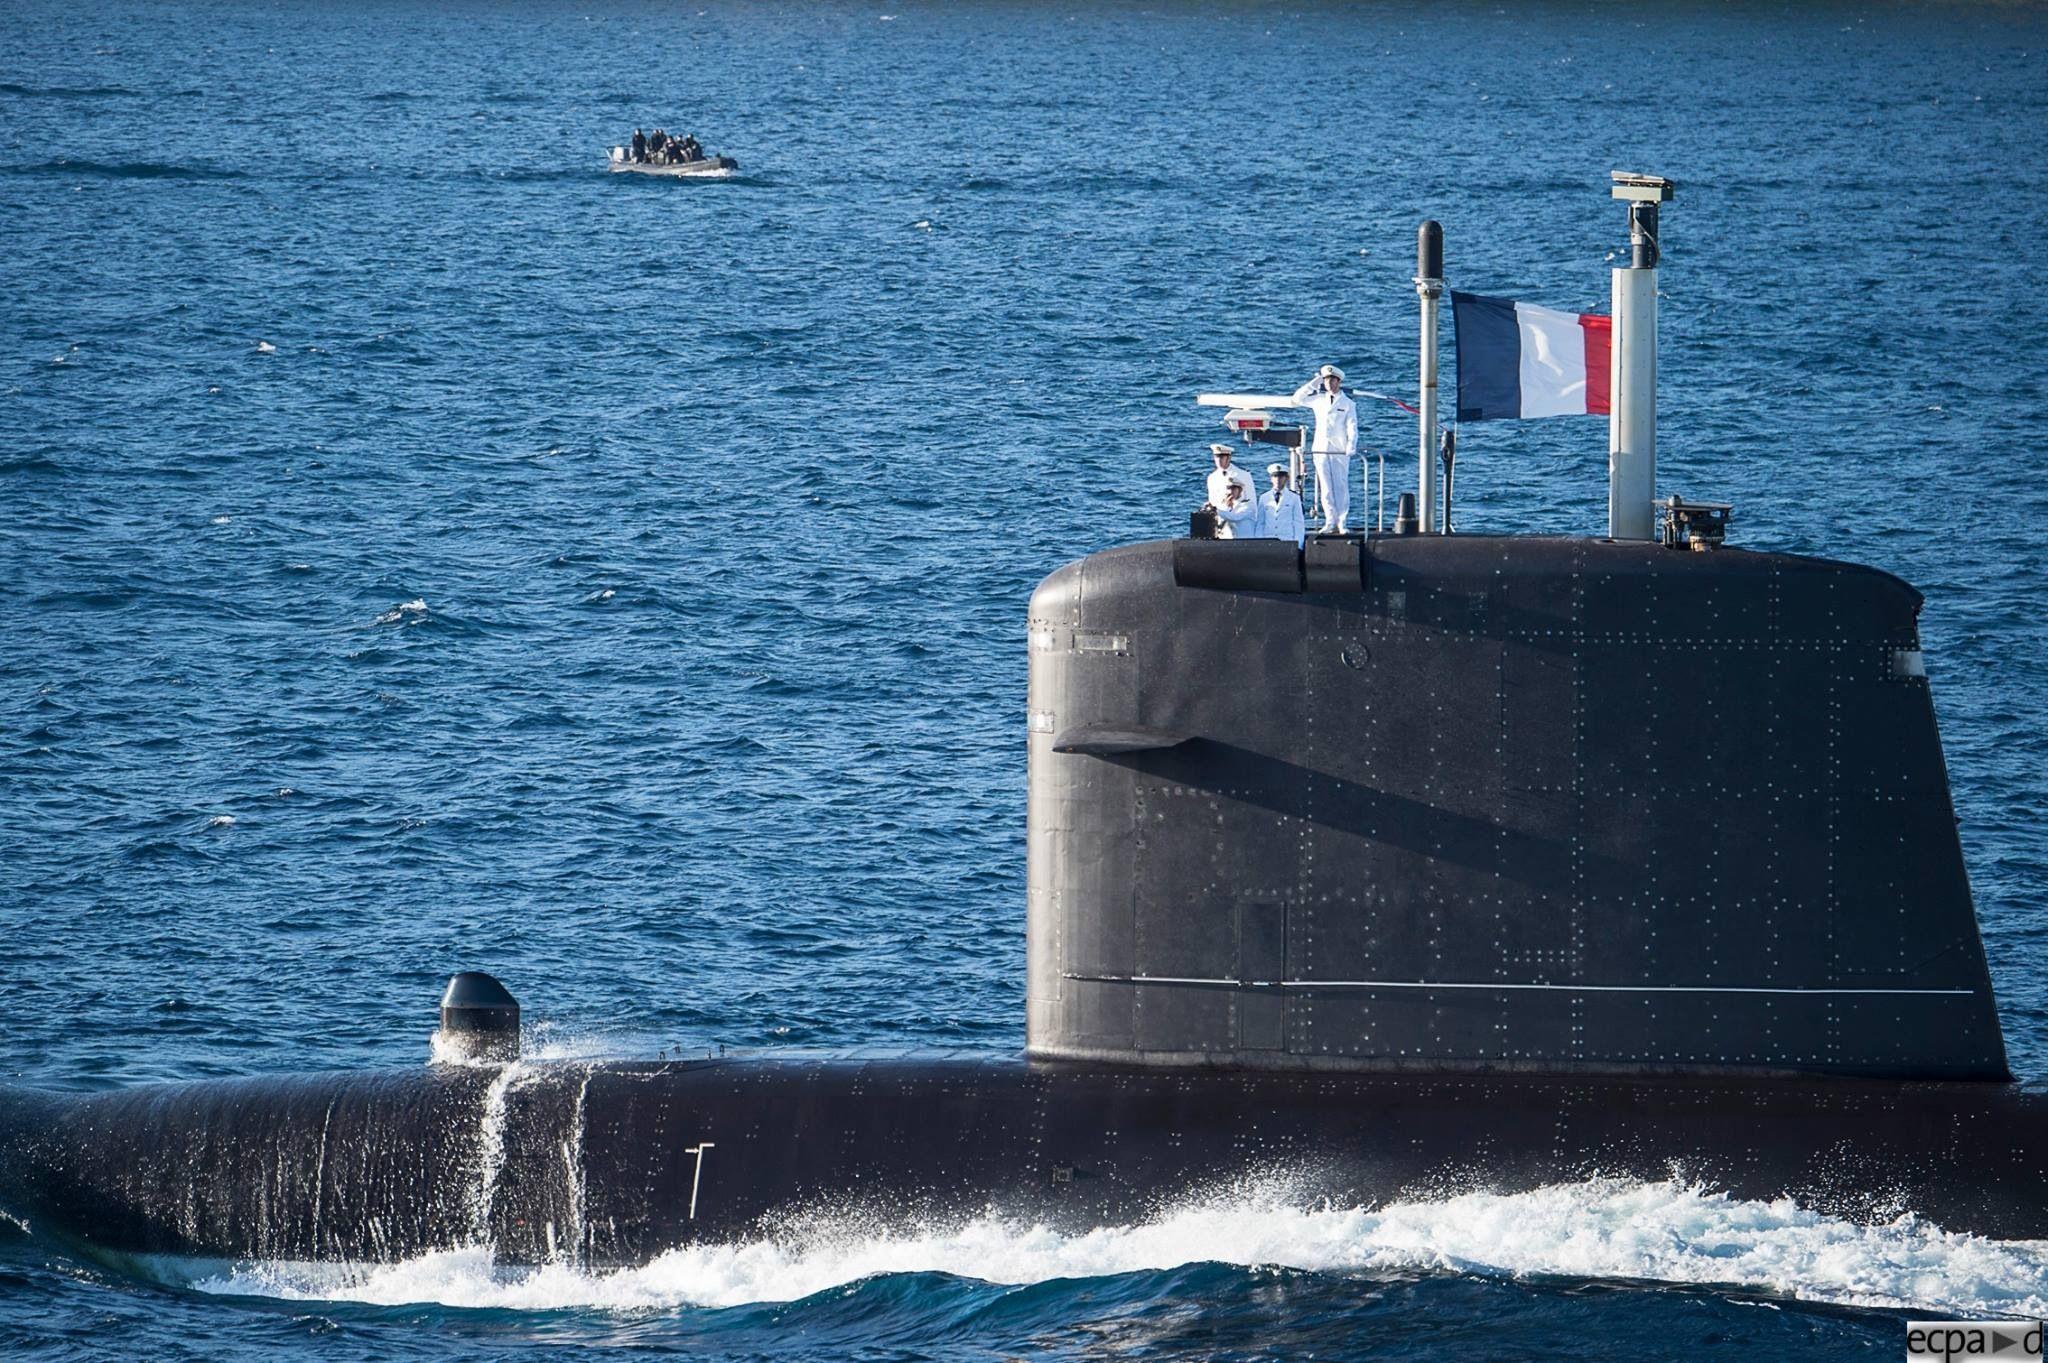 HMS vigilant S30 sous-marin nucléaire.